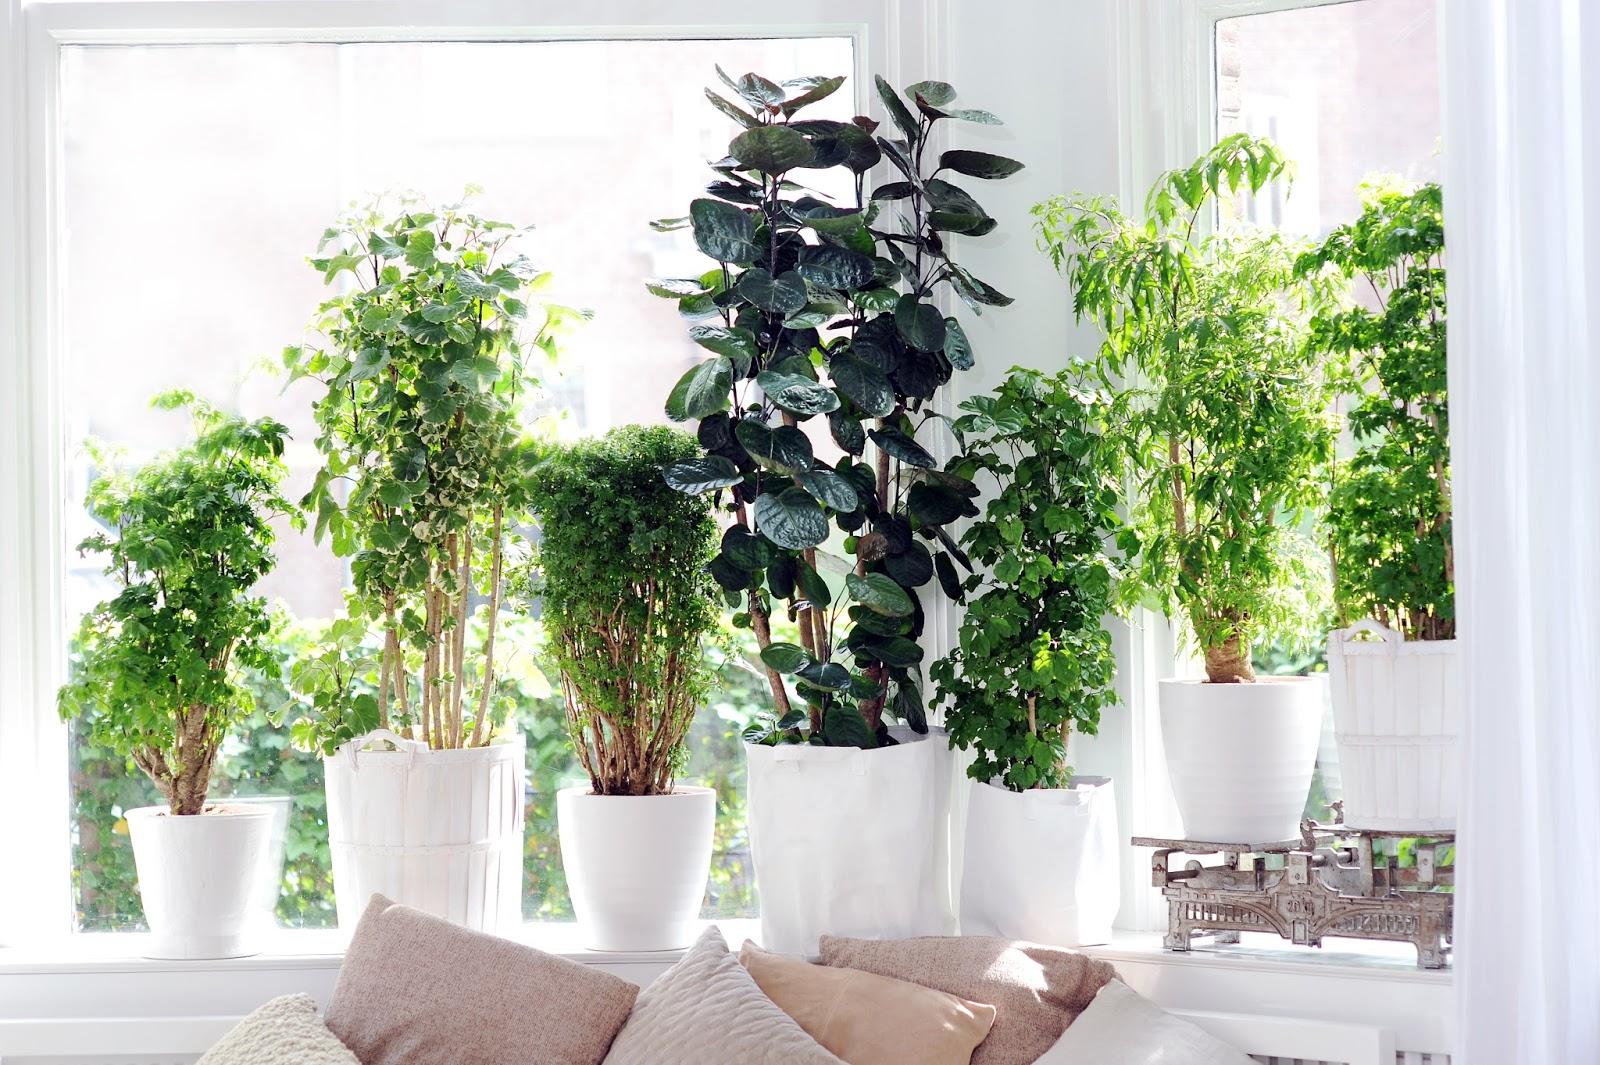 rboles dentro de casa. Black Bedroom Furniture Sets. Home Design Ideas